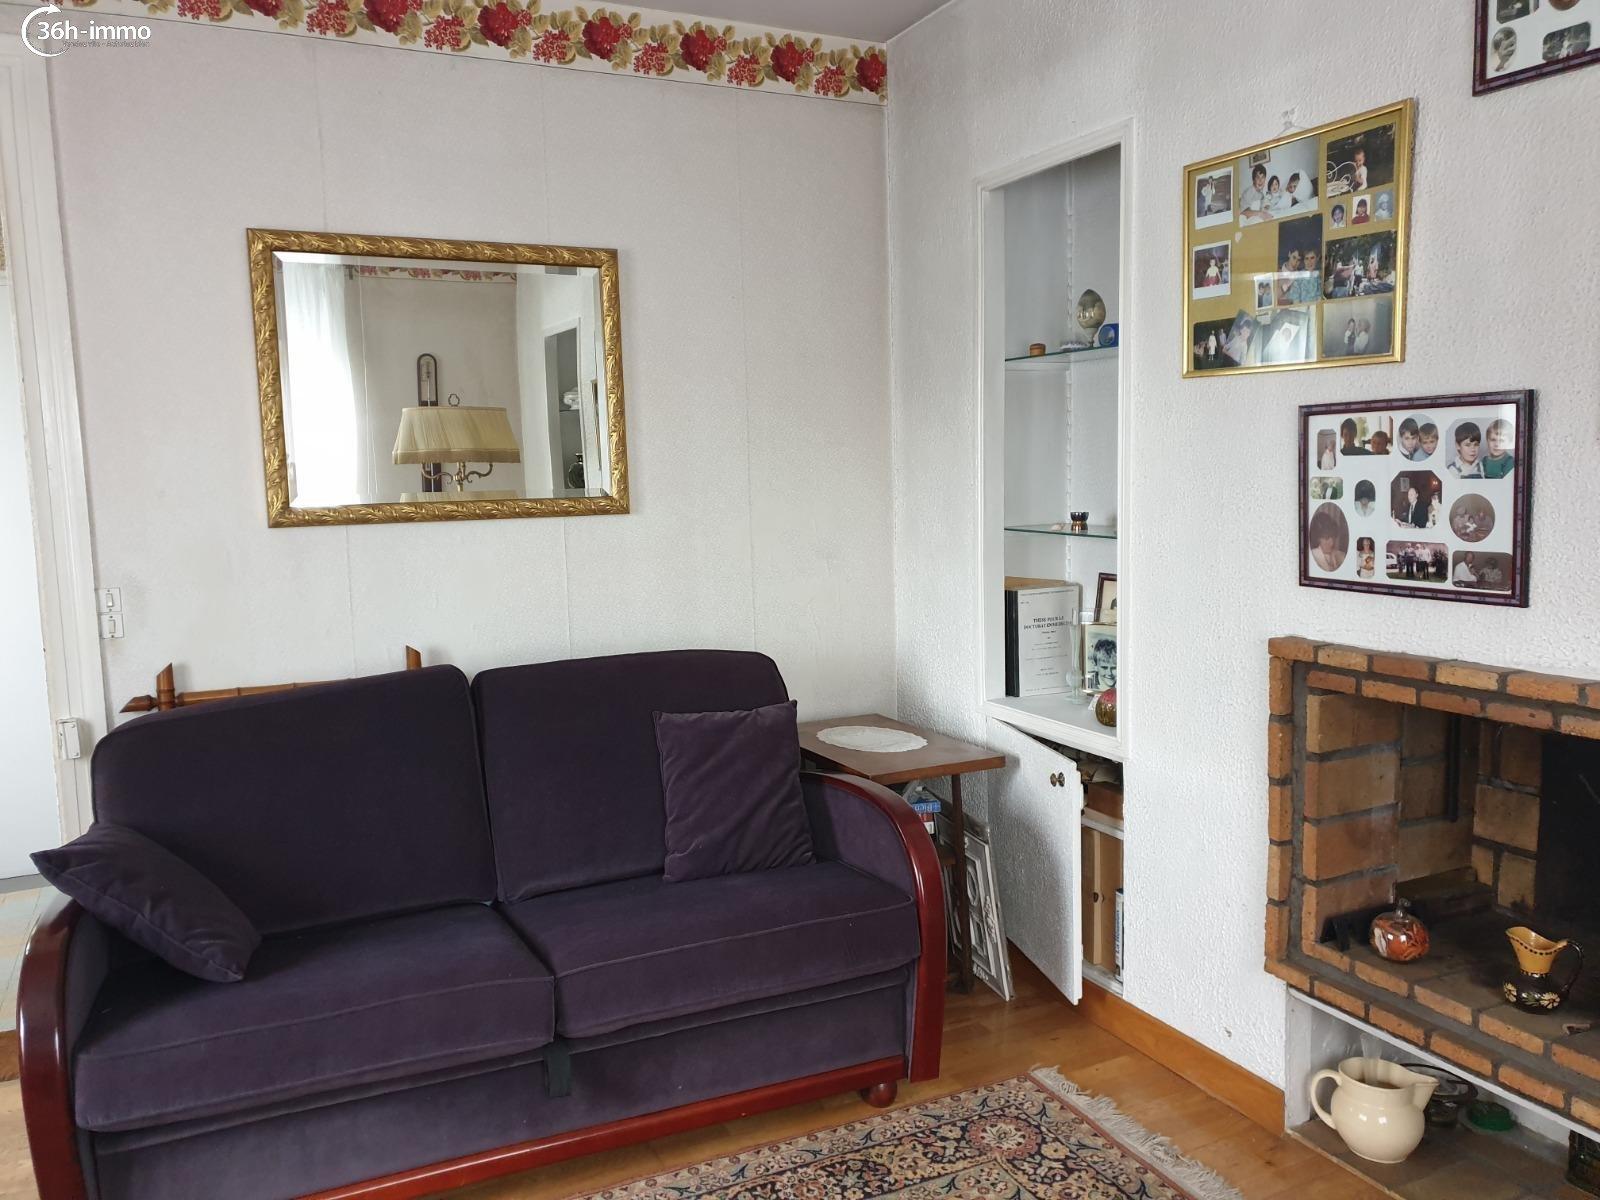 Maison Rouen 76000 Seine-Maritime 170 m<sup>2</sup> 7 pi&eagrave;ces 388500 euros